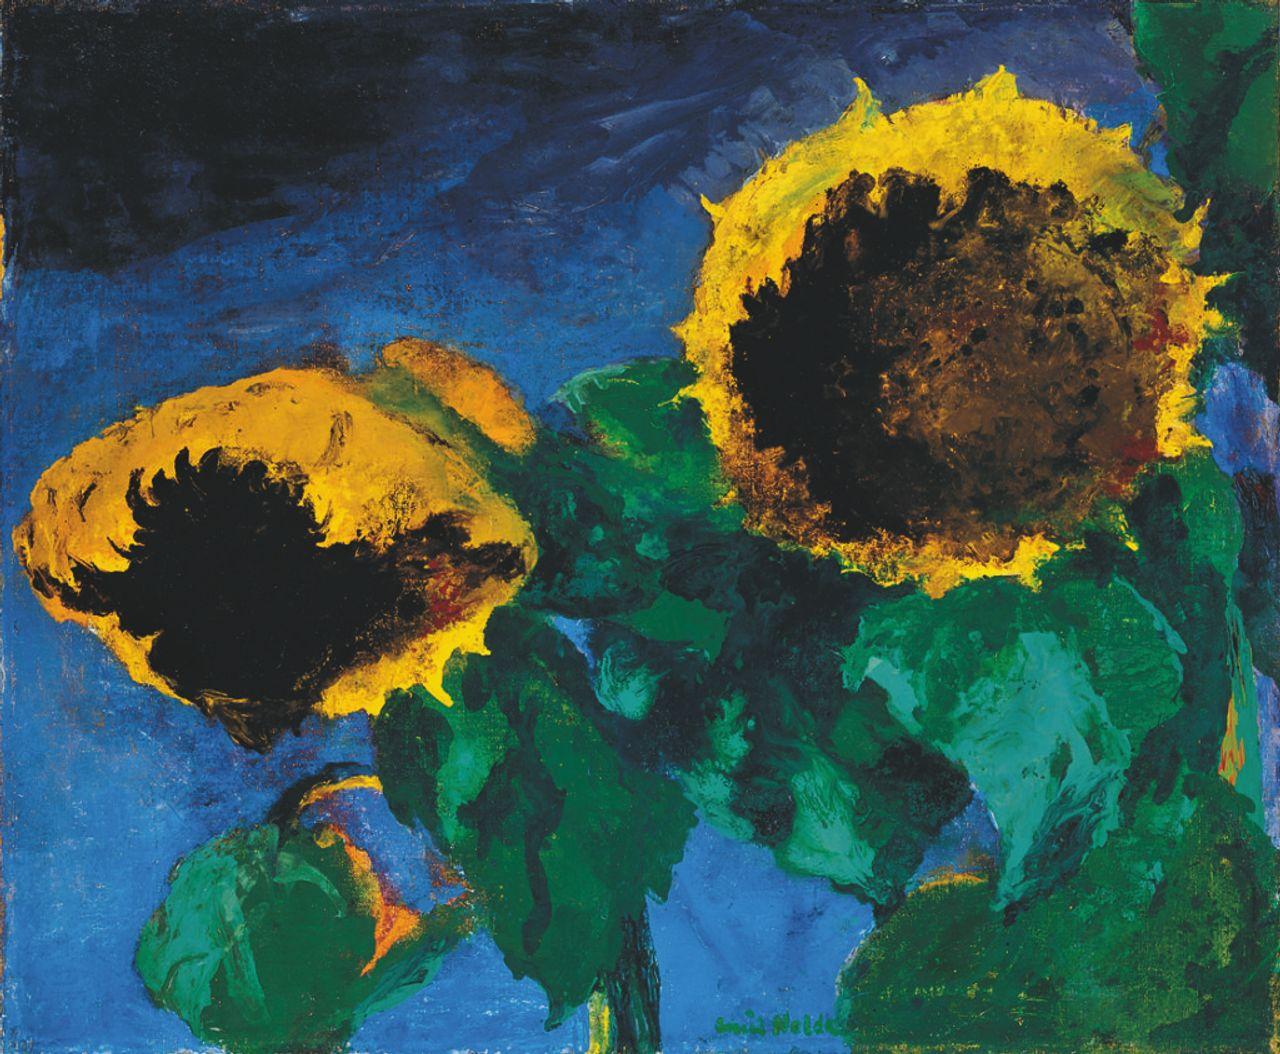 Emil Nolde, Sunflowers (1932). Detroit Institute of Arts, Gift of Robert H. Tannahill, © Nolde Stiftung Seebüll.jpg